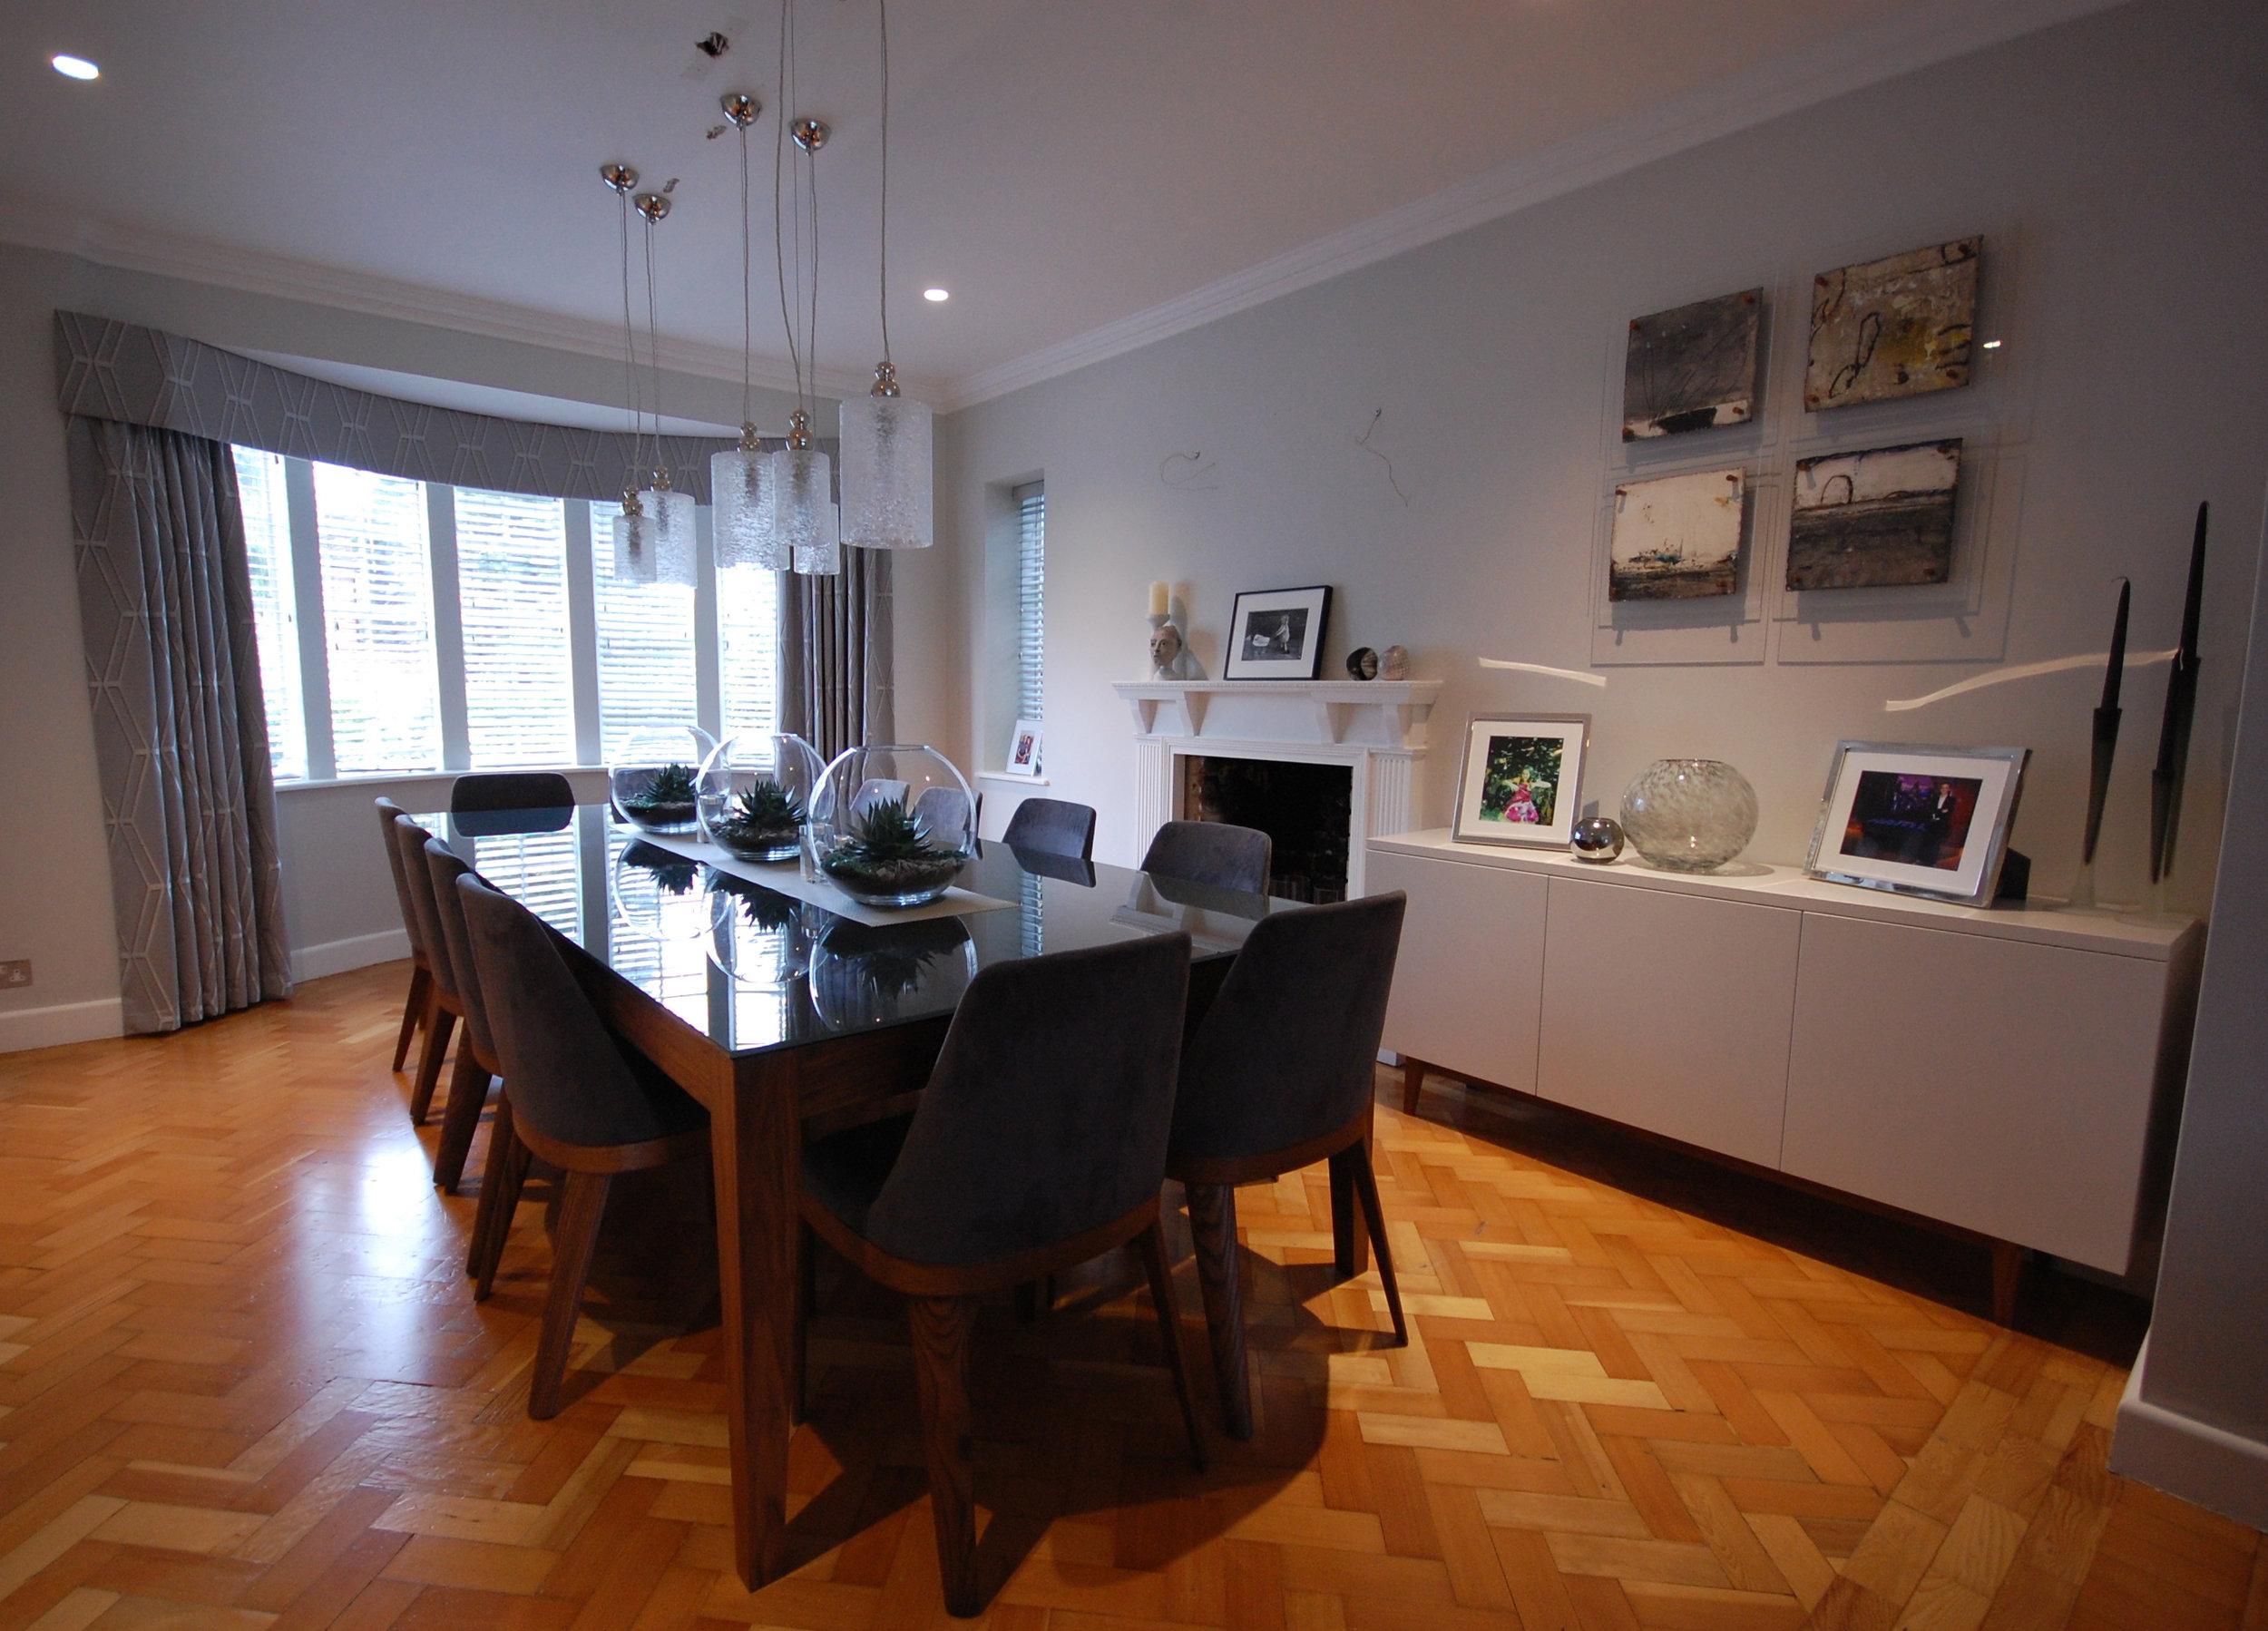 Grain_Bespoke_Furniture_Dining_Table_Sideboard.jpg